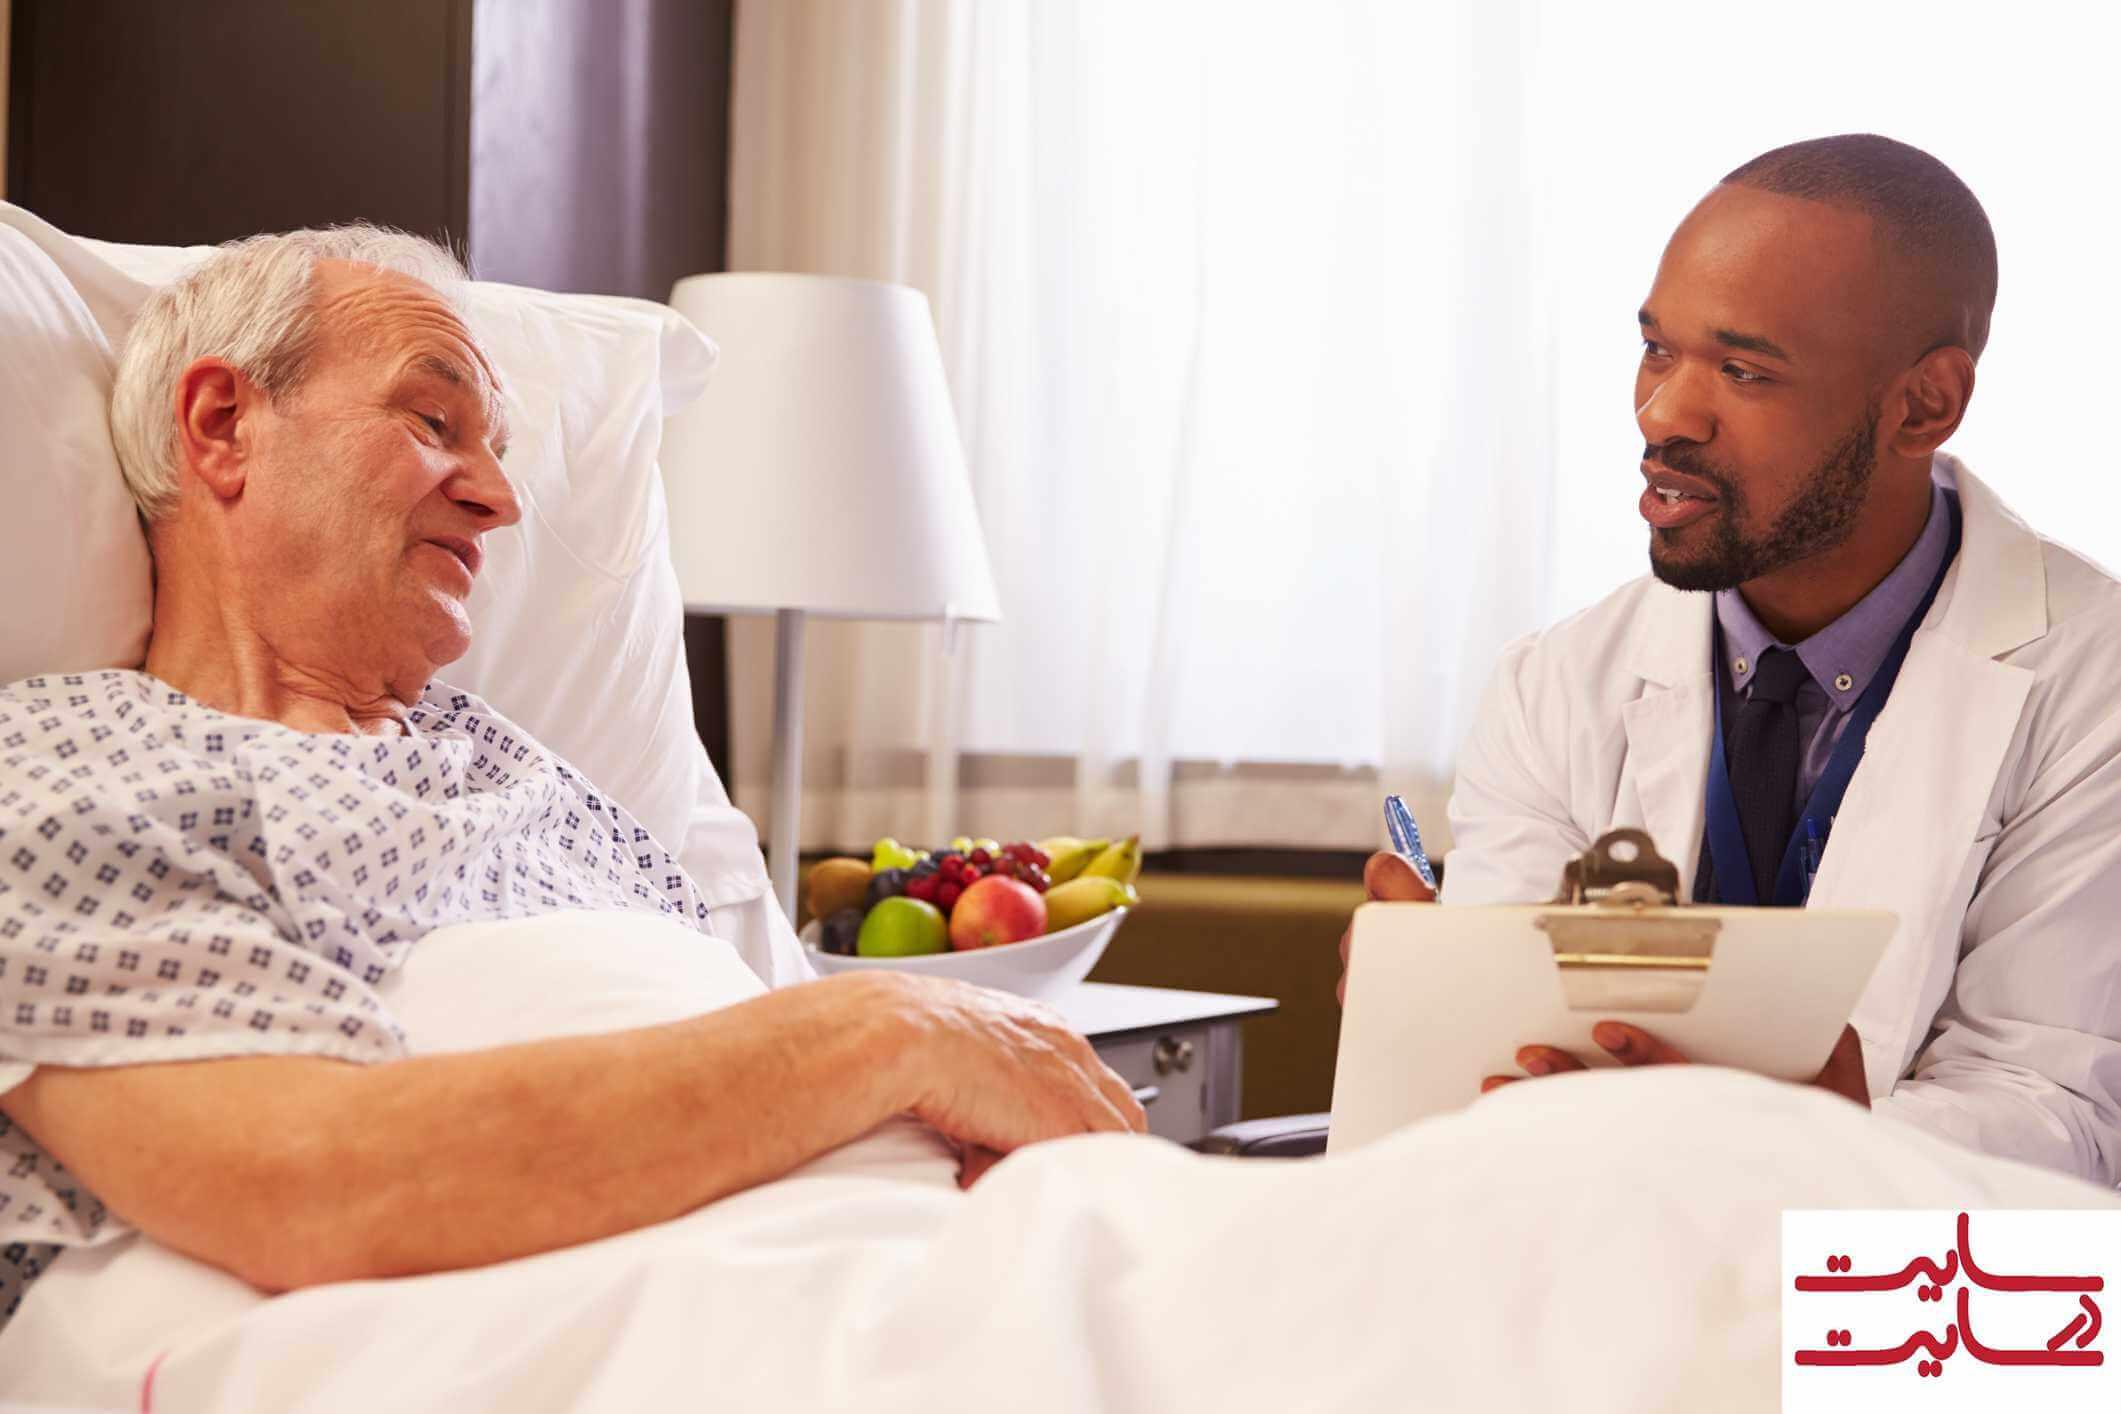 پیگیری وضعیت بیمار توسط دکتر